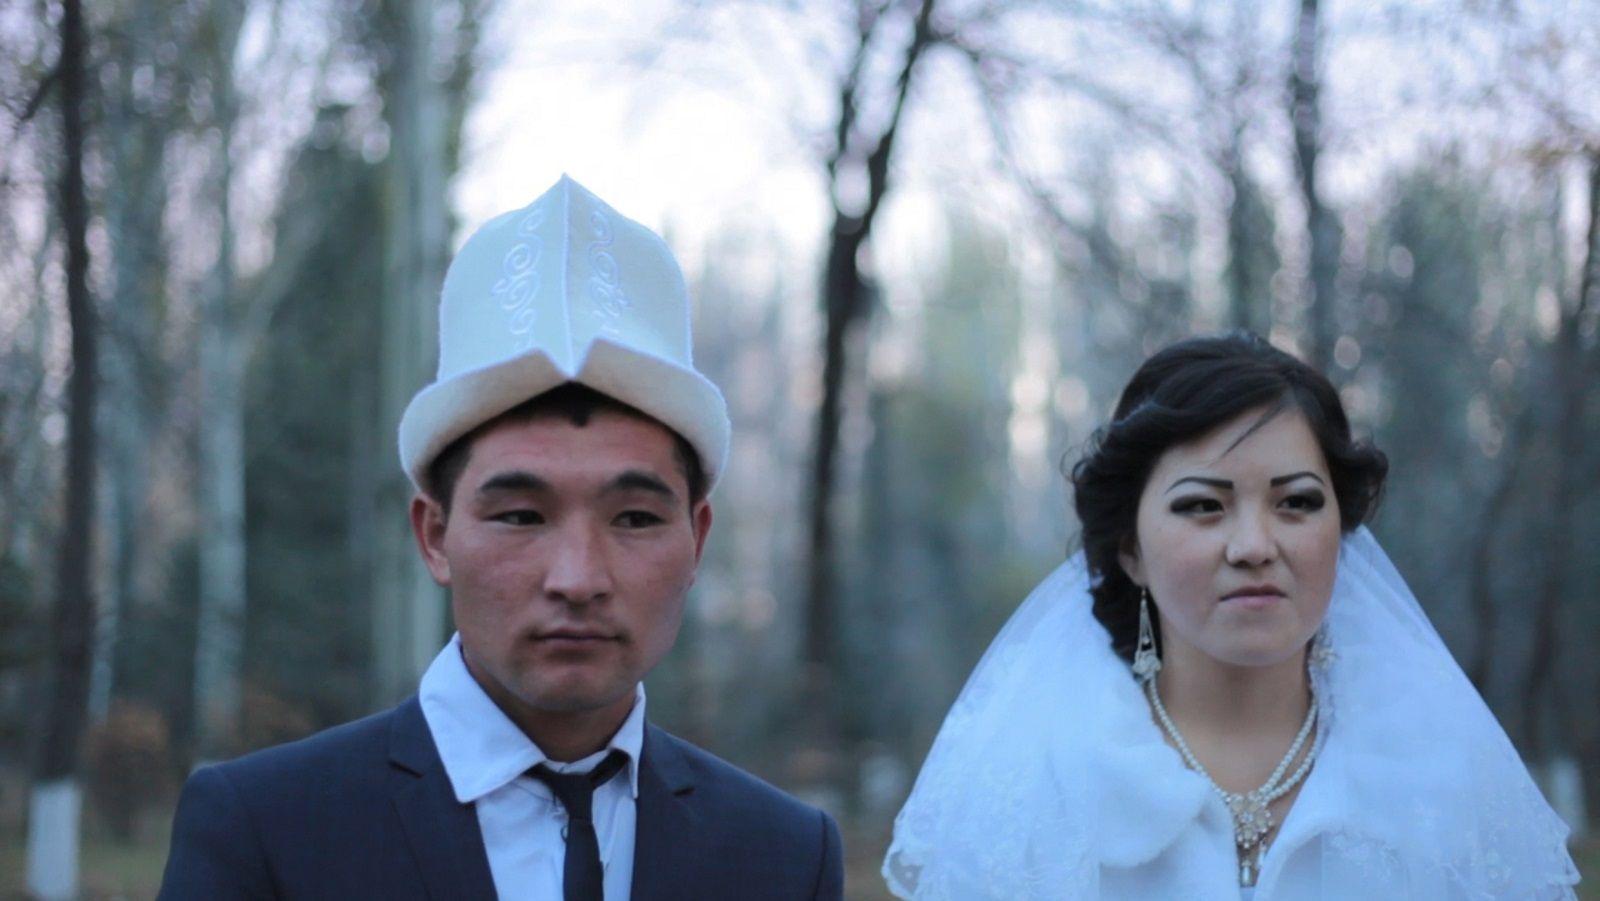 Fotograma del primer documental que se proyectará en la UNED de Barbastro.